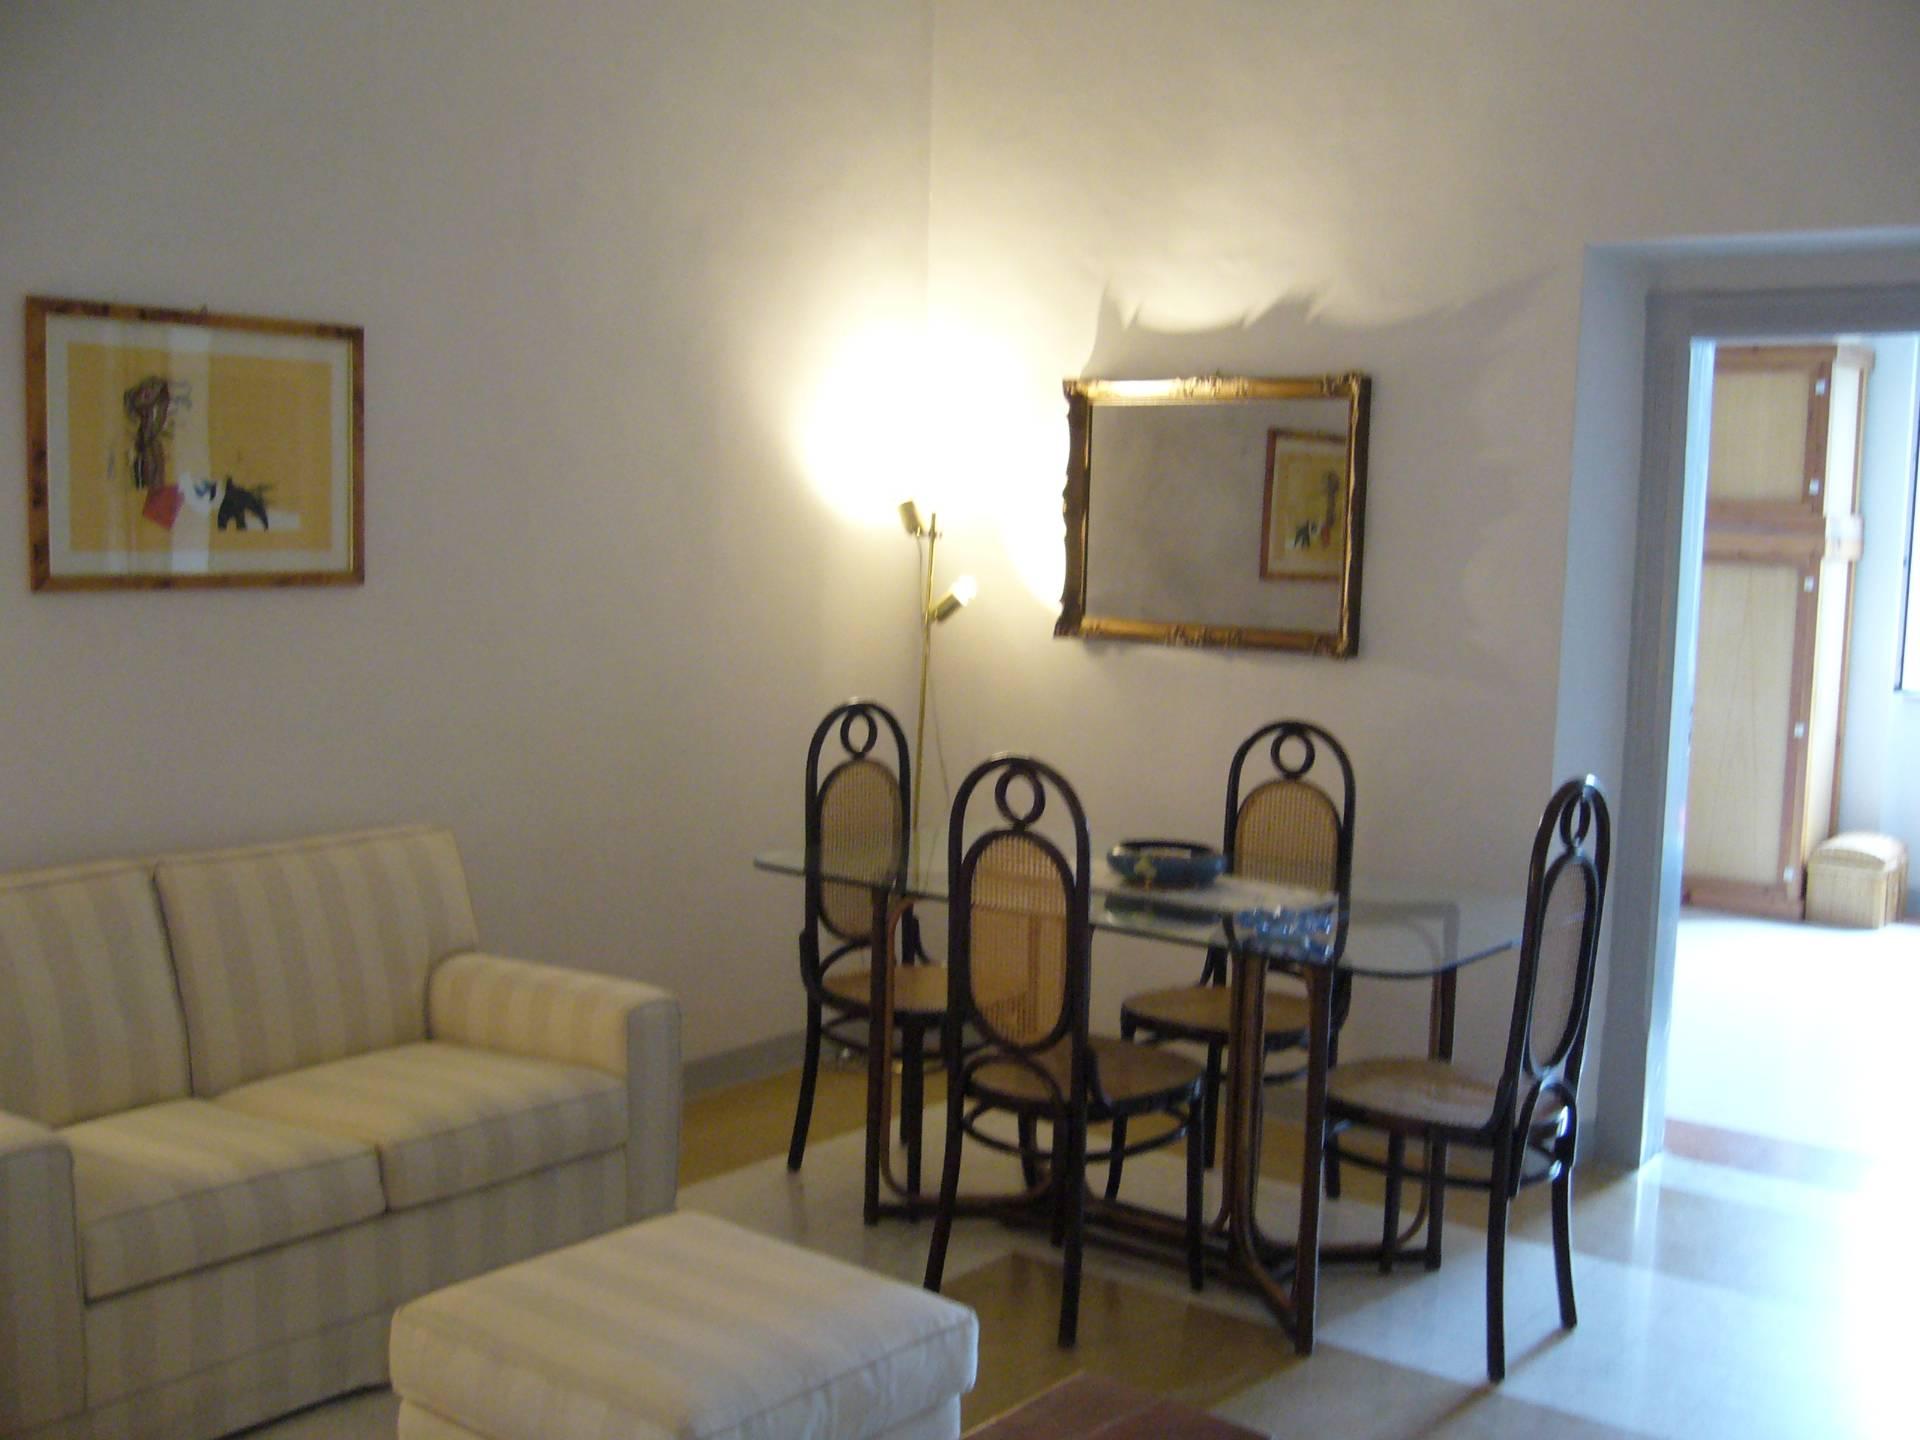 Soluzione Indipendente in vendita a San Benedetto del Tronto, 12 locali, zona Località: Centro, Trattative riservate | CambioCasa.it